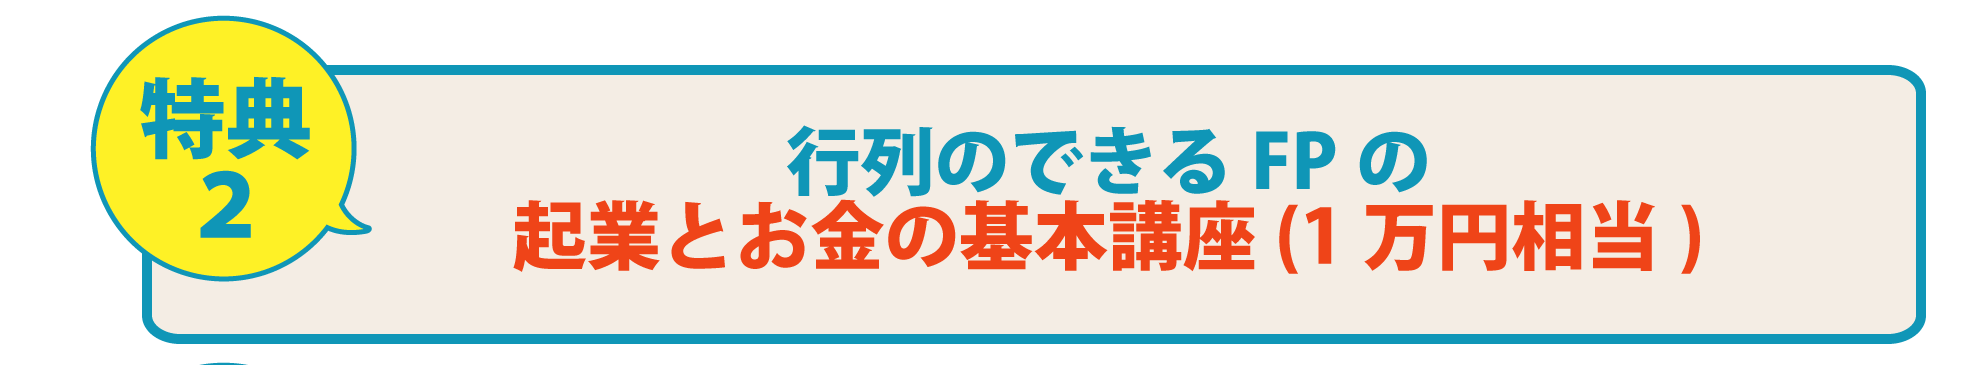 特典2:行列のできるFPの起業とお金の基本講座(1万円相当)